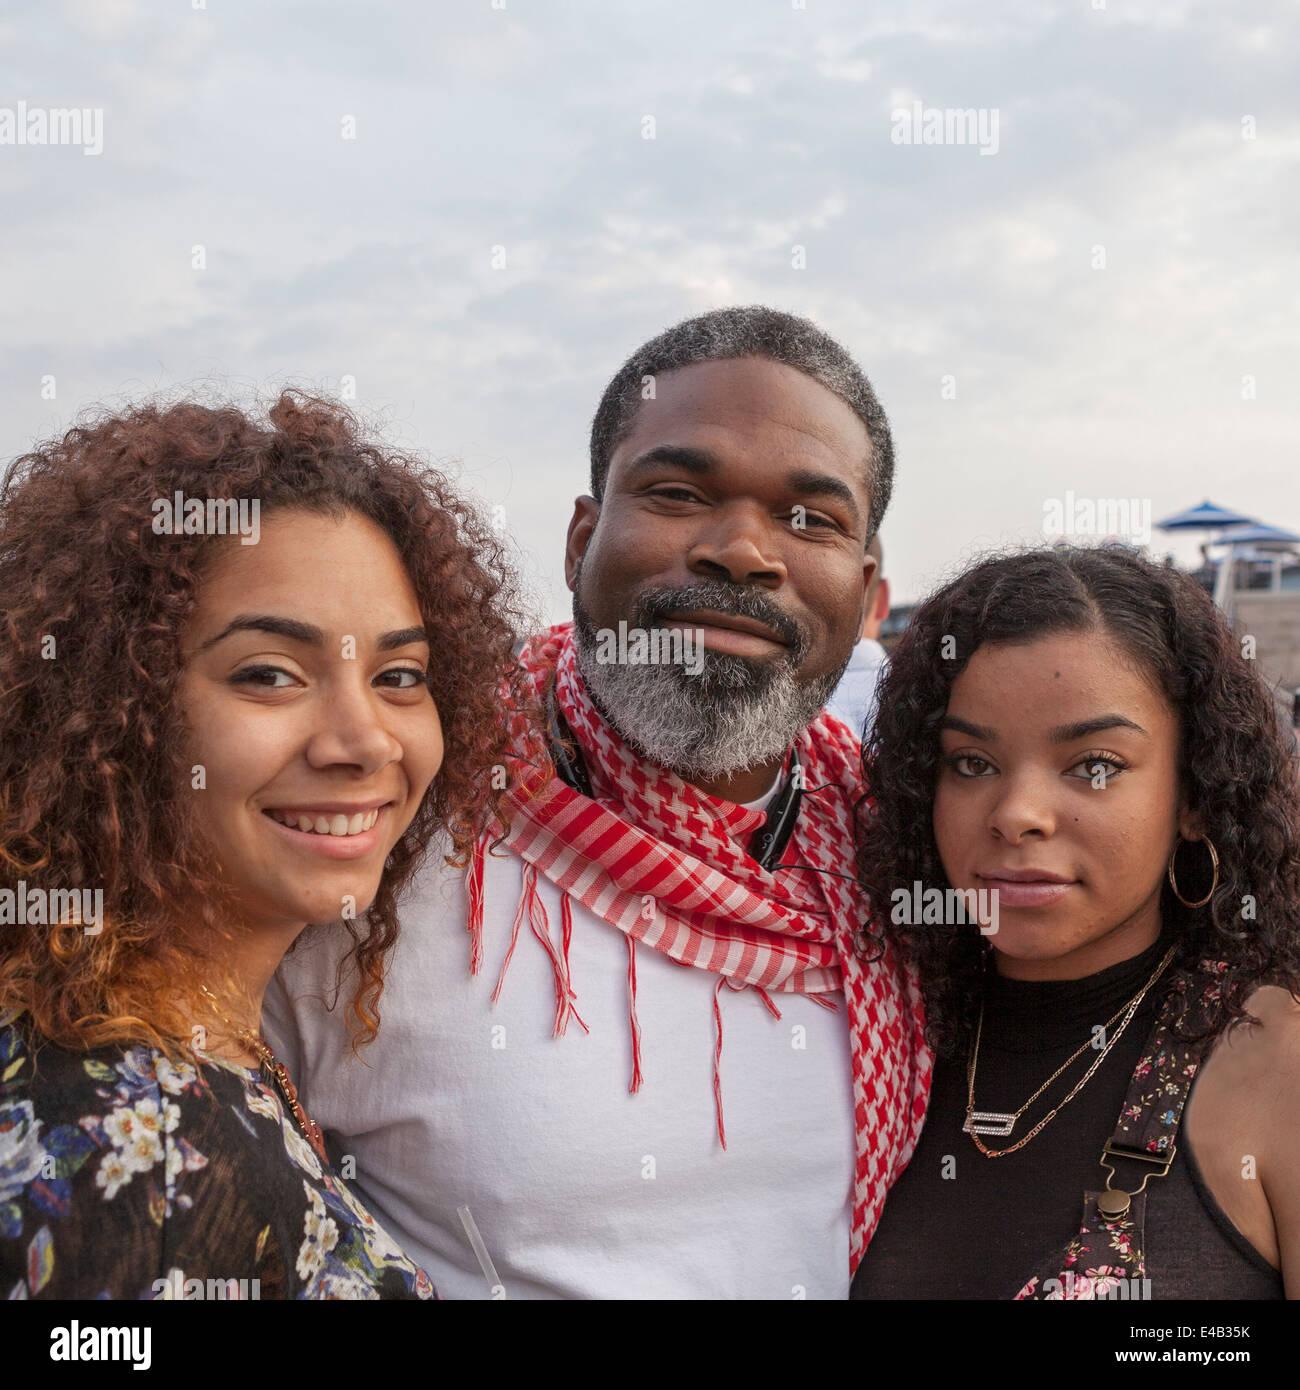 Ein Vater steht mit seinen beiden Töchtern beim Sommerfest, ein jährliches Musikfestival in Milwaukee, Wisconsin Stockfoto